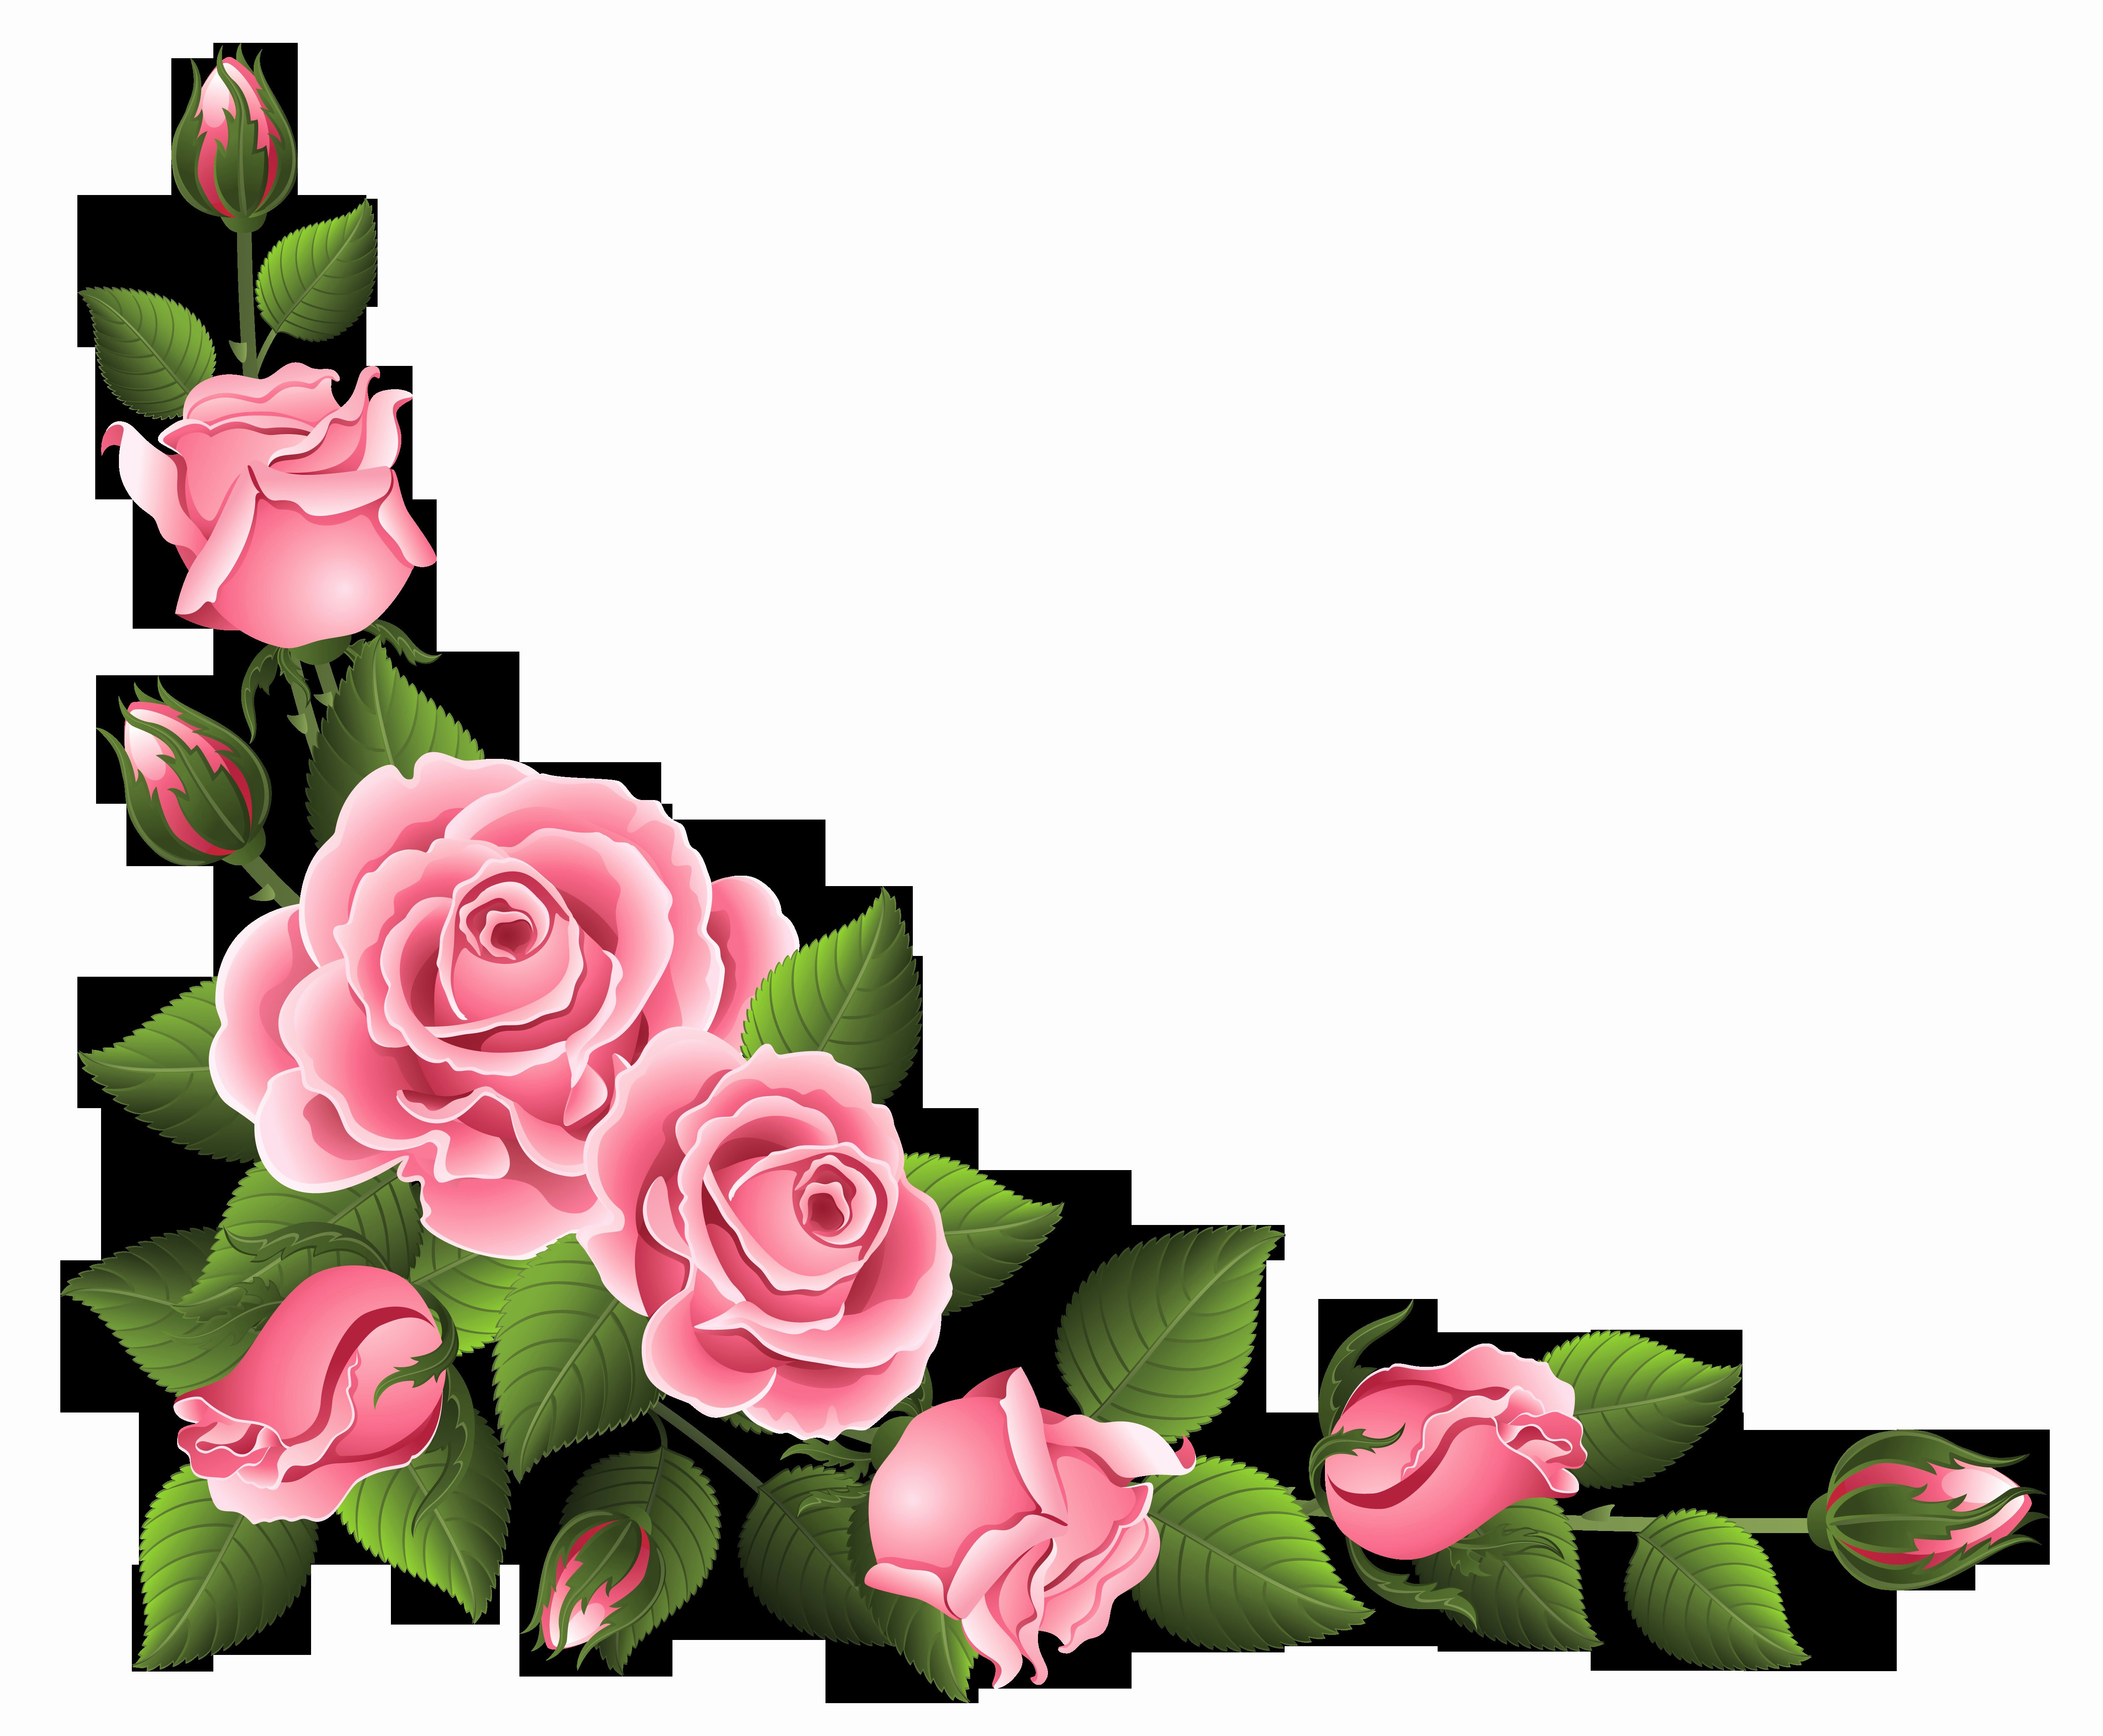 Single Rose Glass Vase Of 10 Best Of Vase Stand Bogekompresorturkiye Com Inside Bodenvase Deko Neu Flower Vase Table 04h Vases Tablei 0d Clipart Dining Base End Design